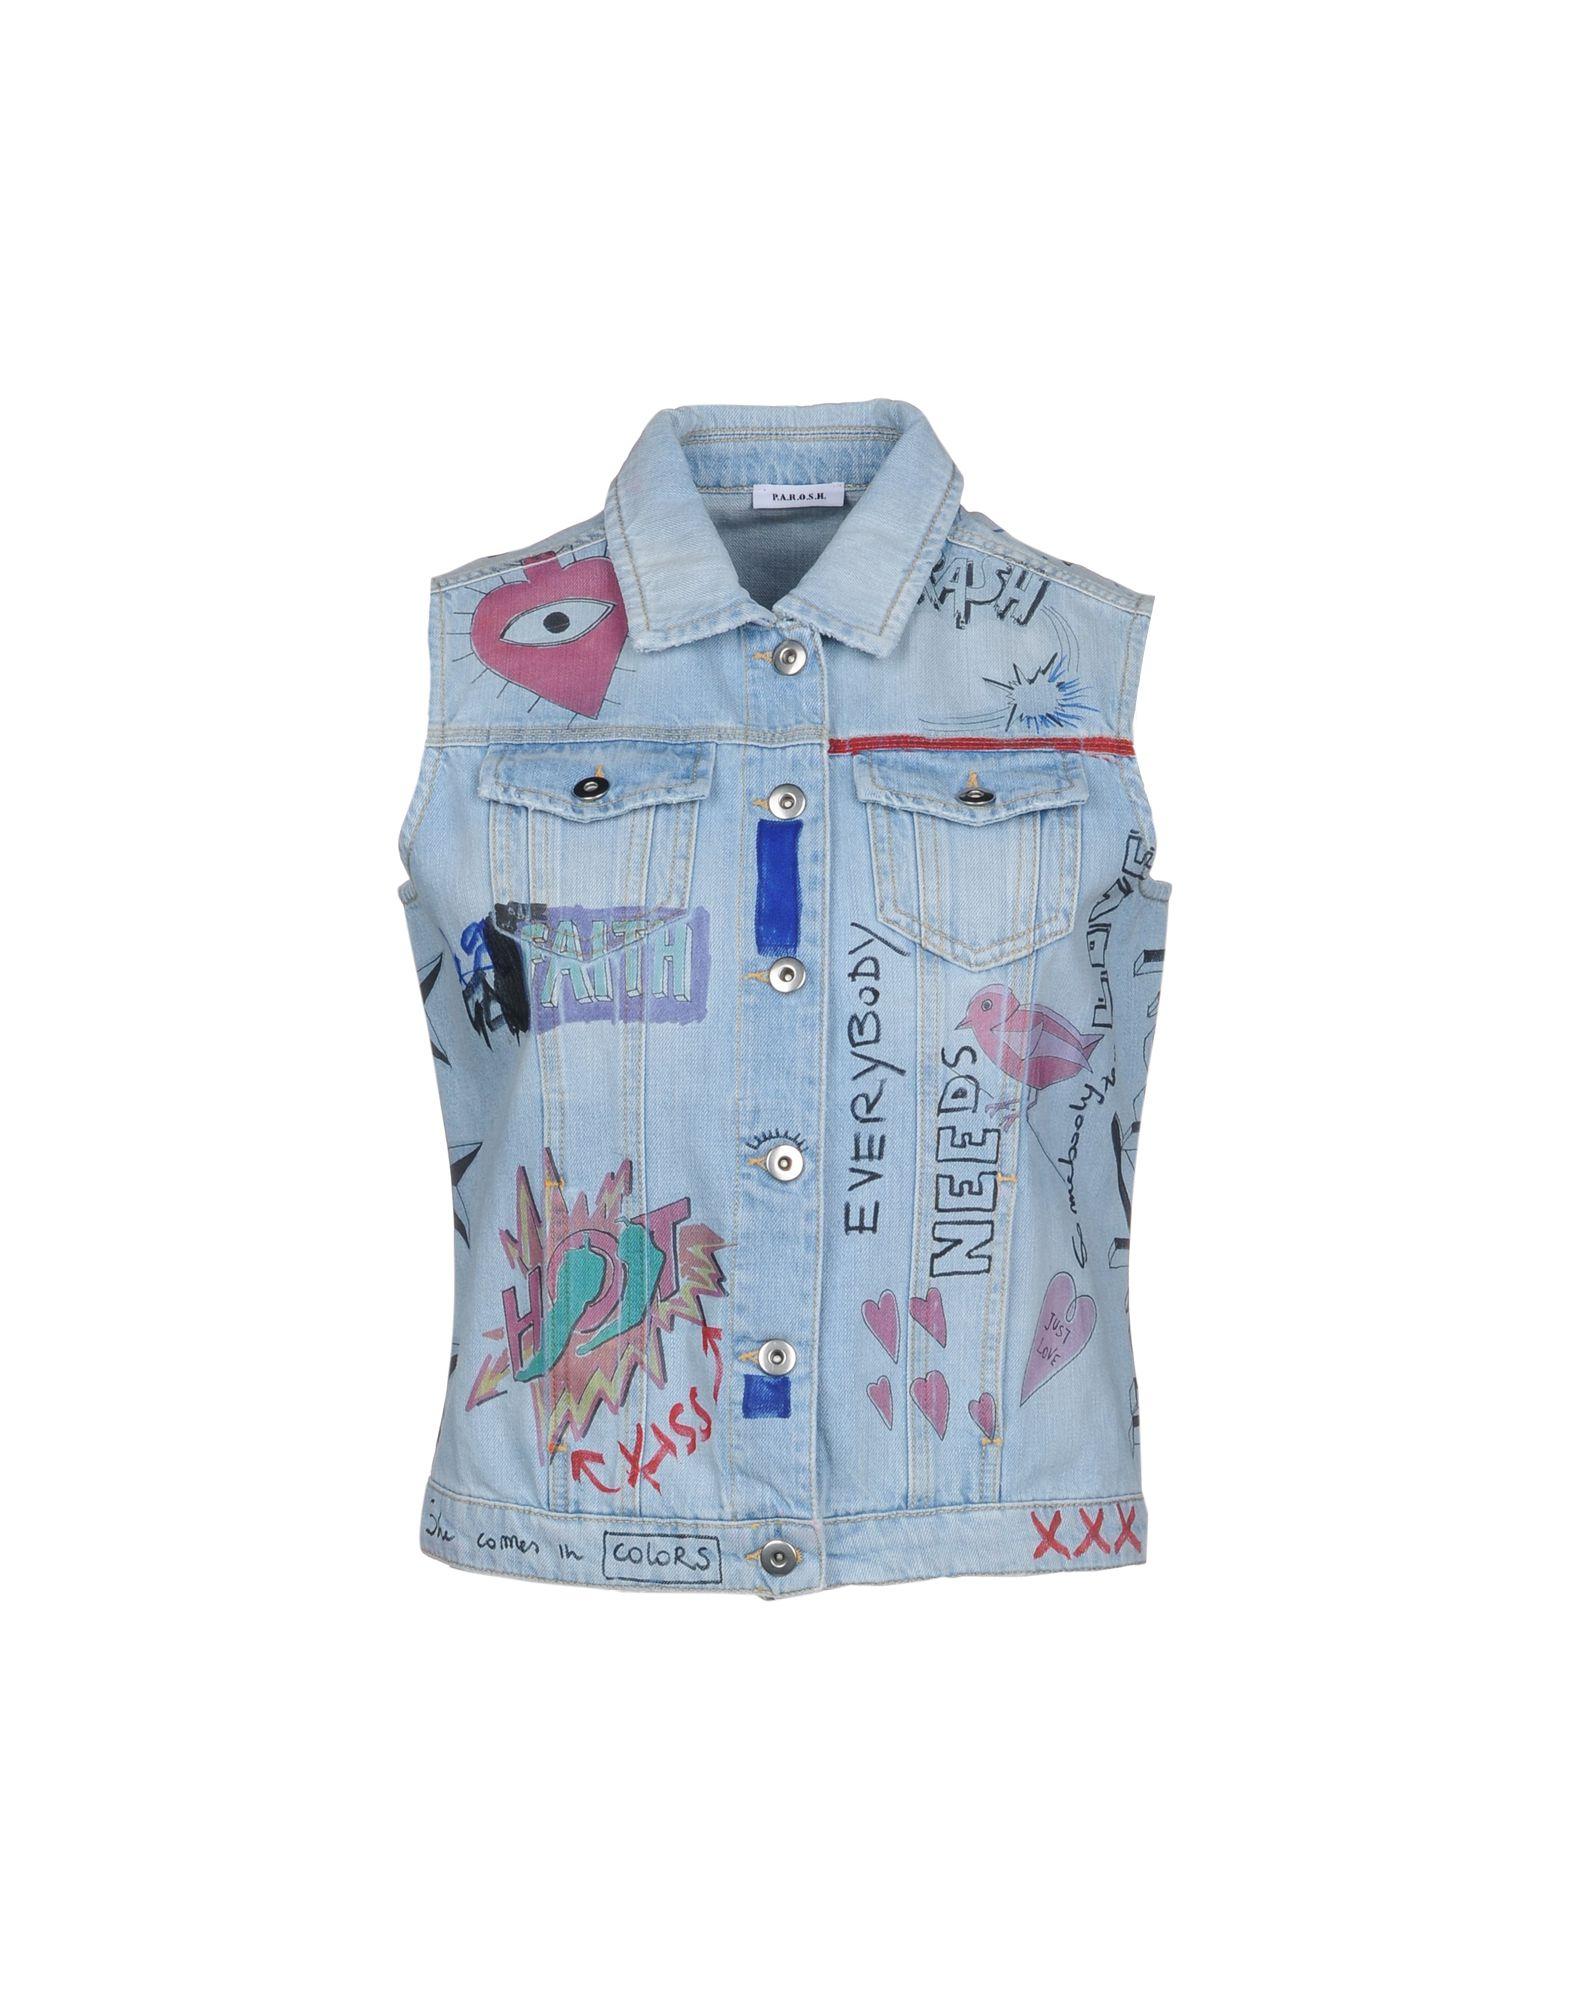 P.A.R.O.S.H. Джинсовая верхняя одежда детская верхняя одежда wellber